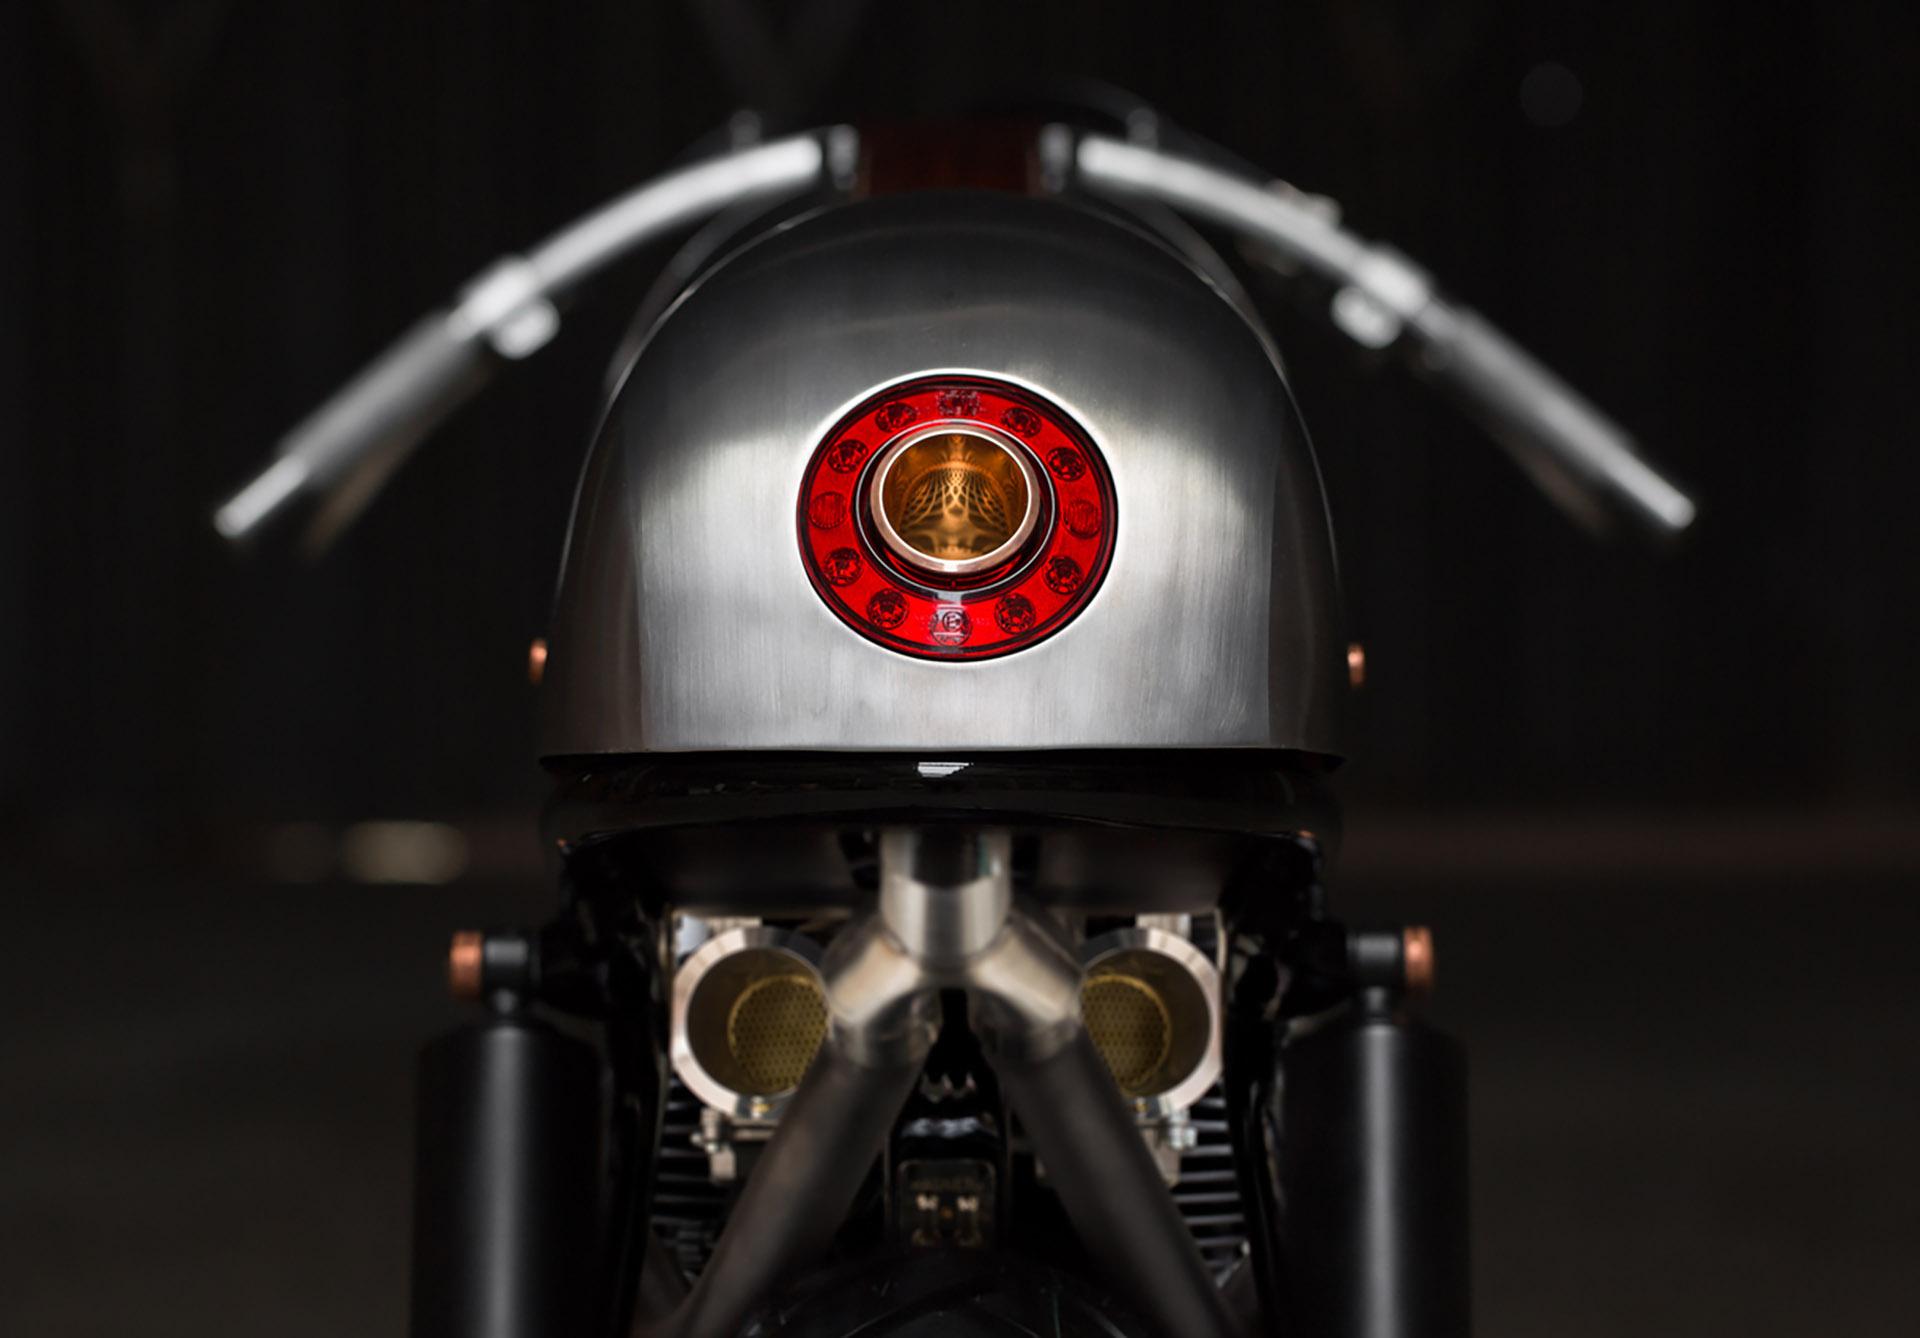 ducati Motorcycle specialist London